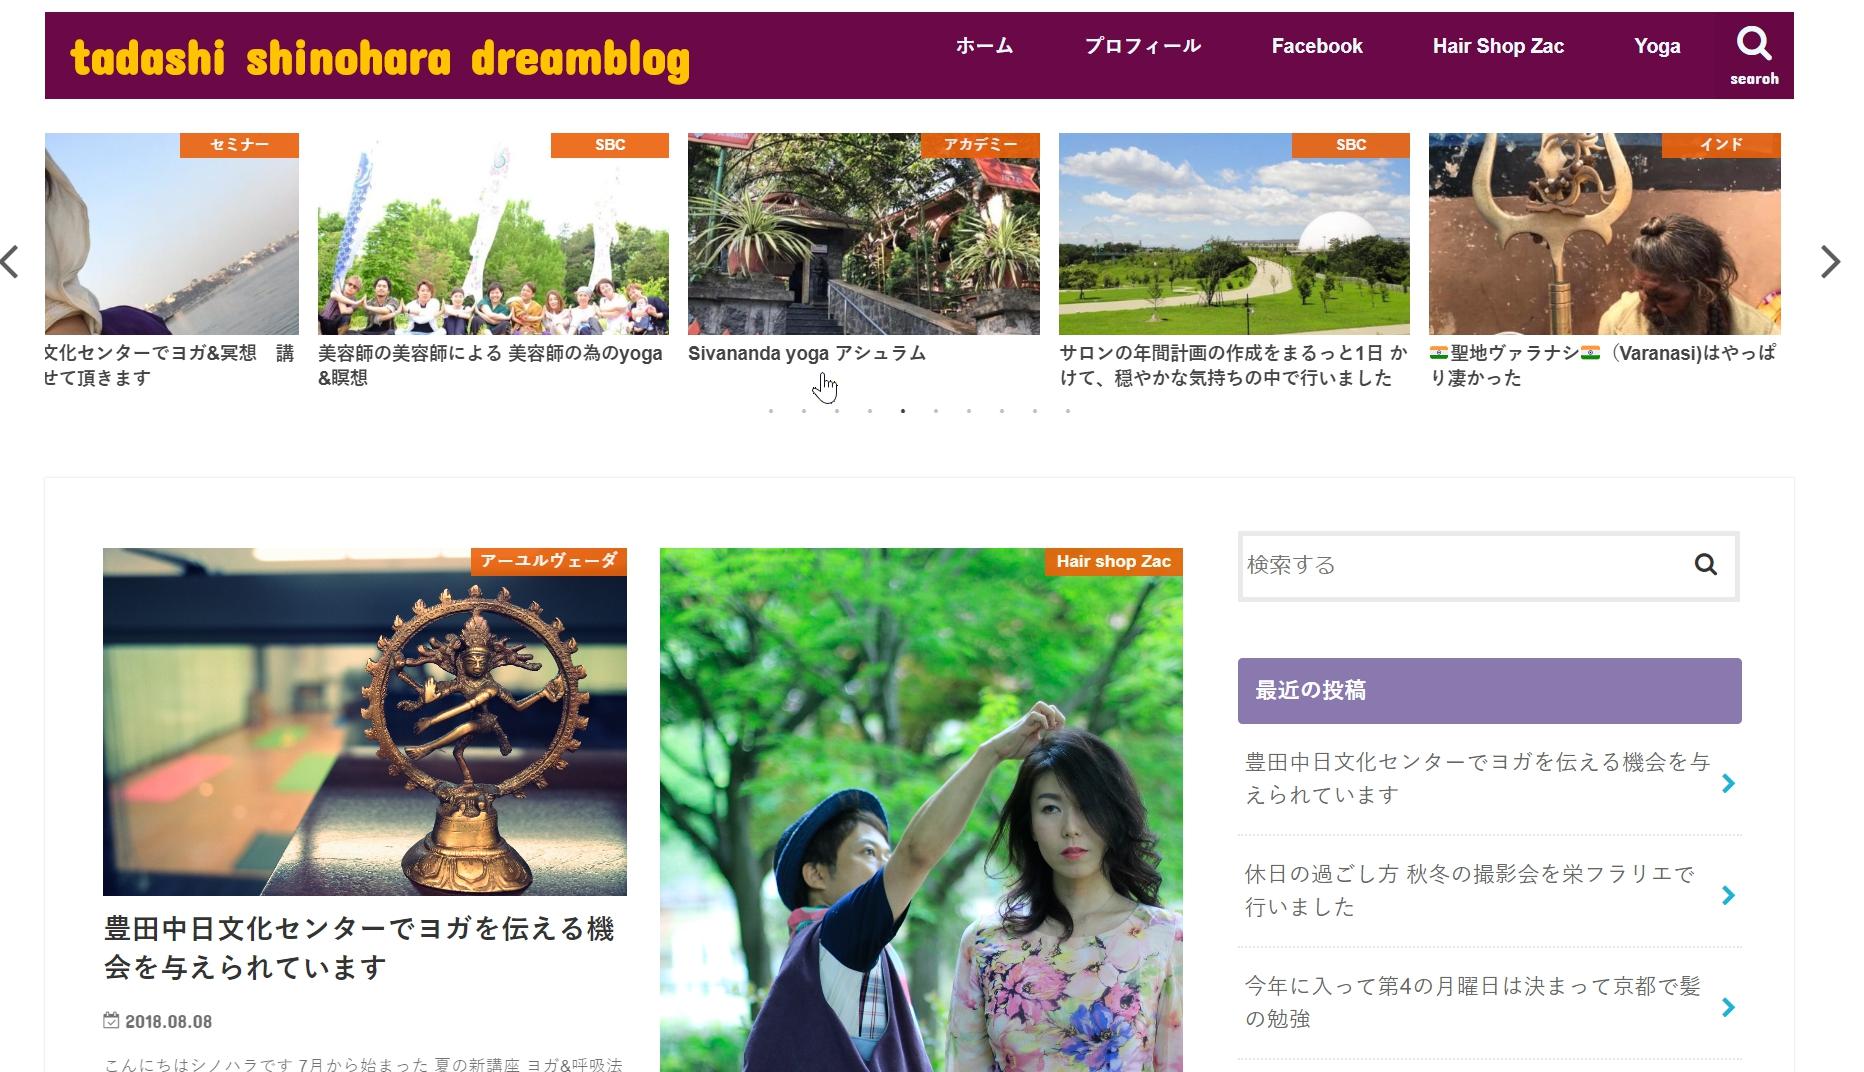 tadashi shinohara dreamblog始動